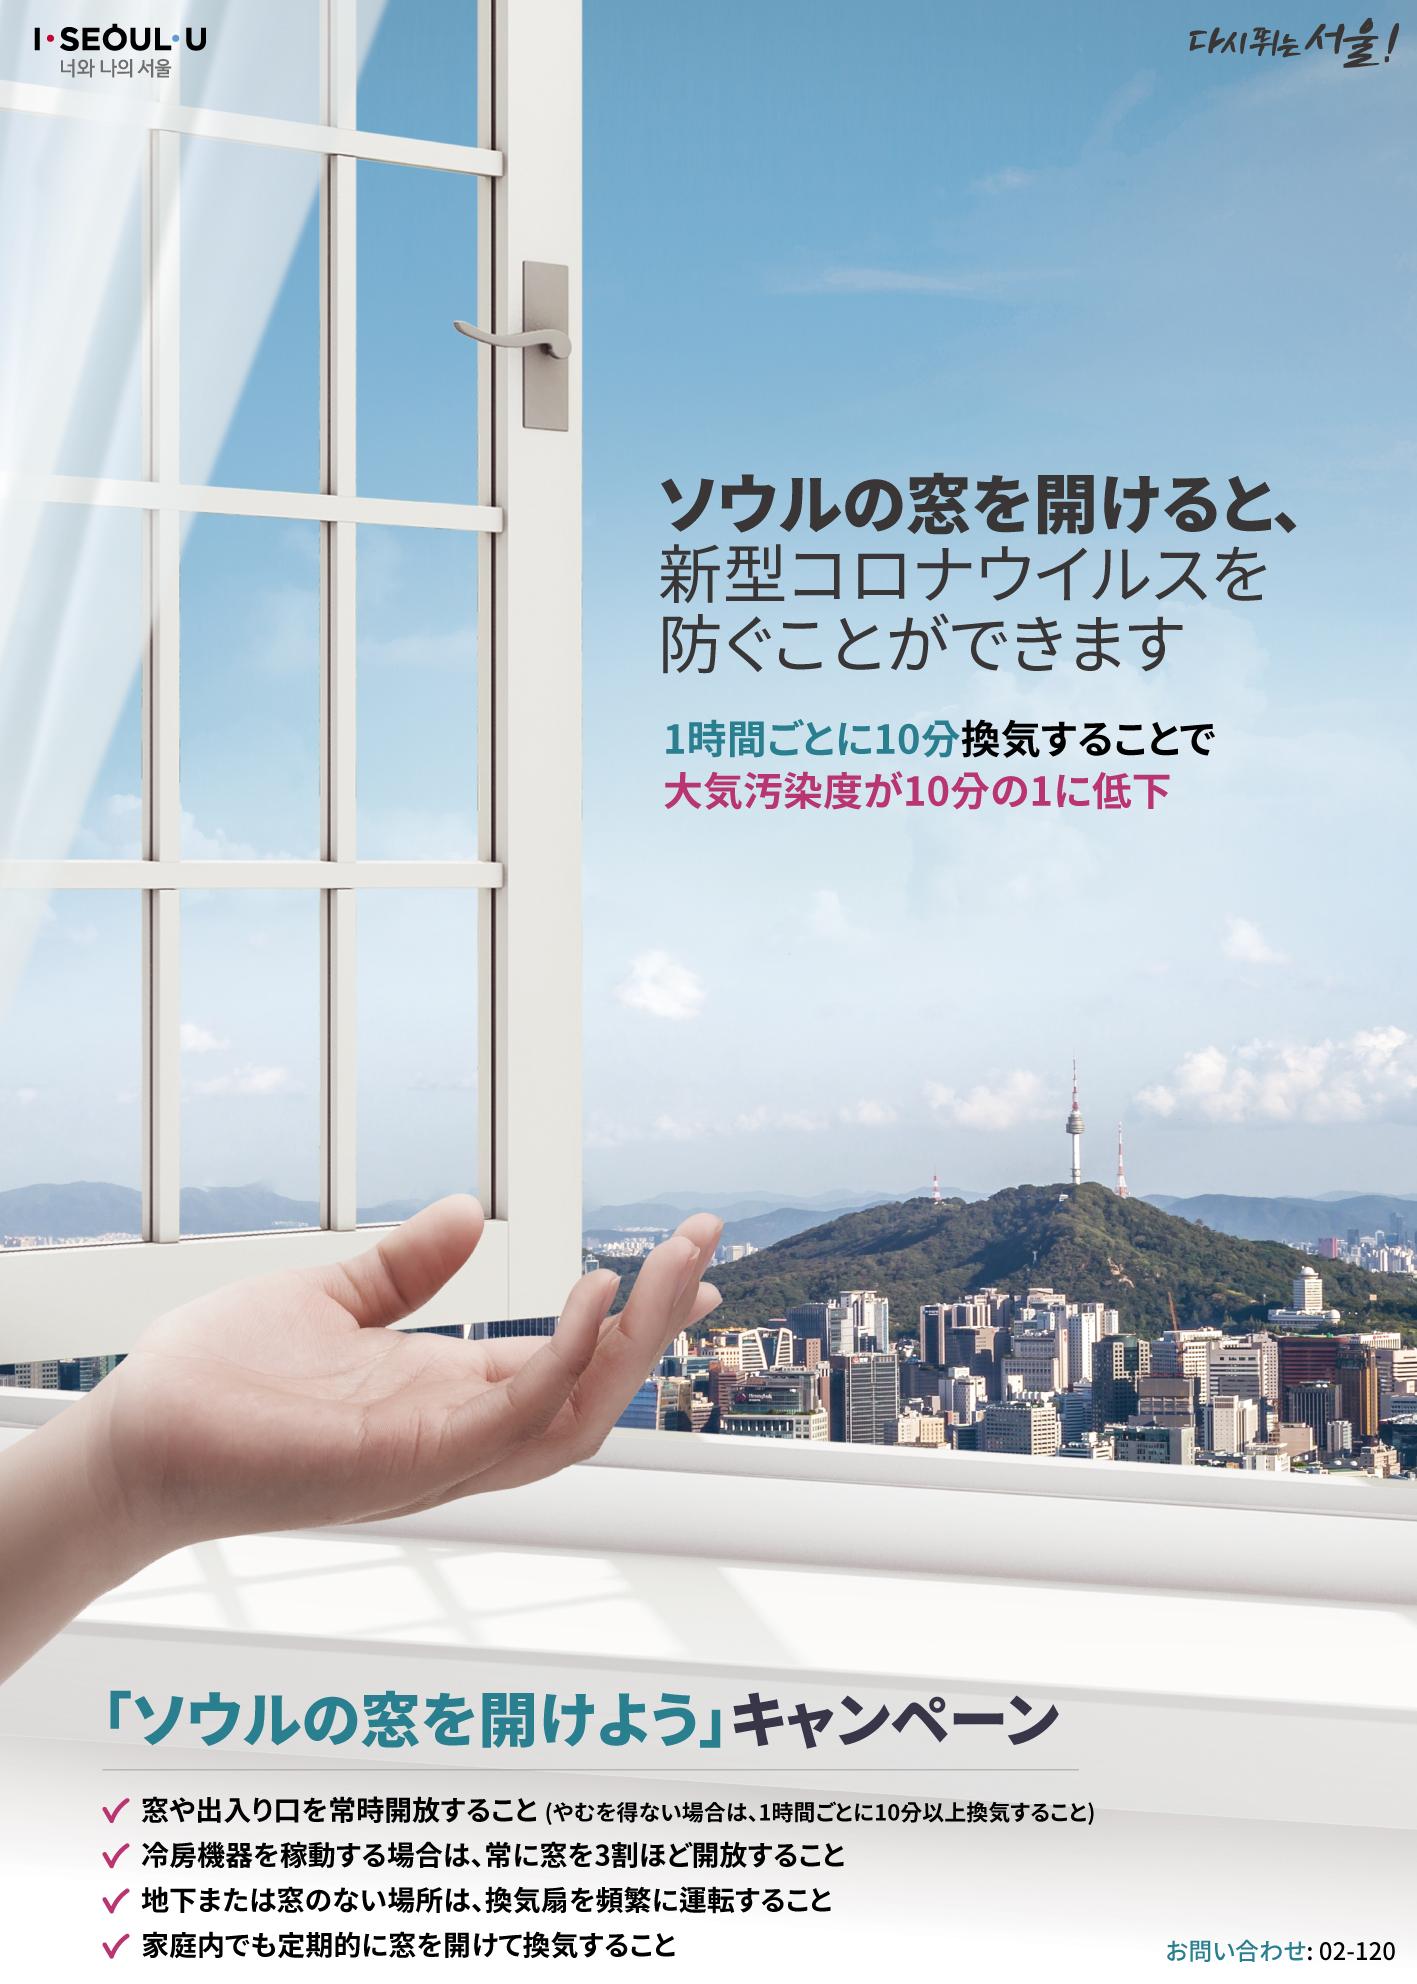 ソウル市、1時間おきに10分以上<ソウルの窓を開けよう> 市民換気キャンペーン開催